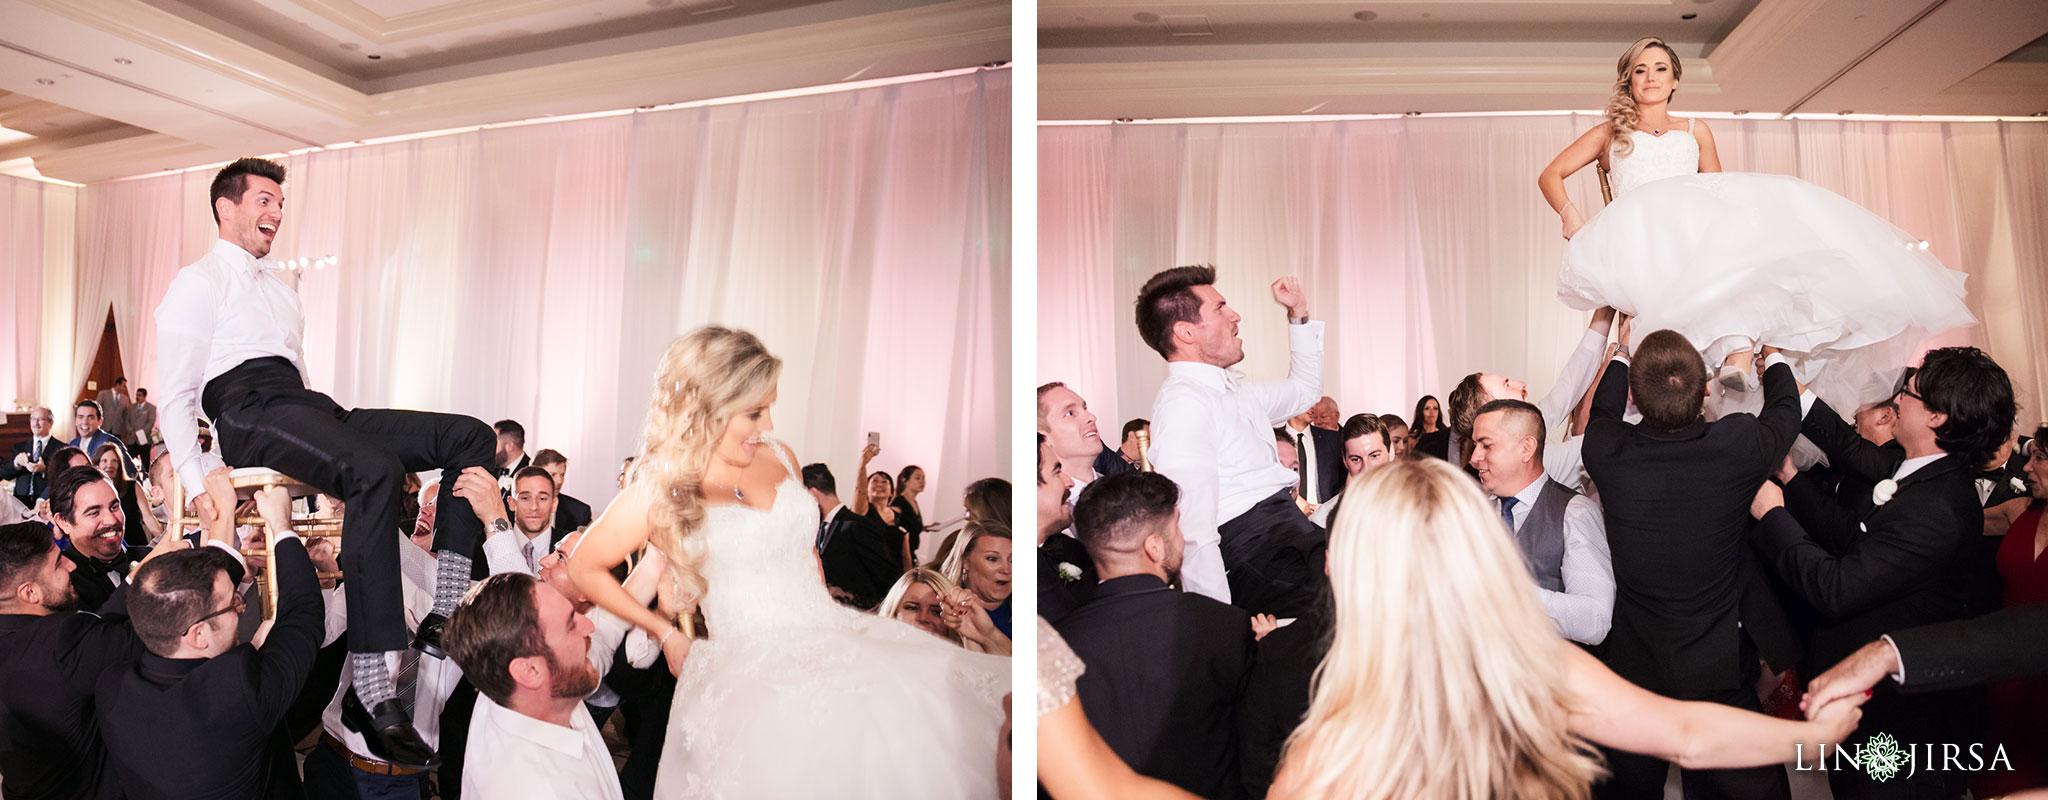 35 balboa bay wedding newport photography